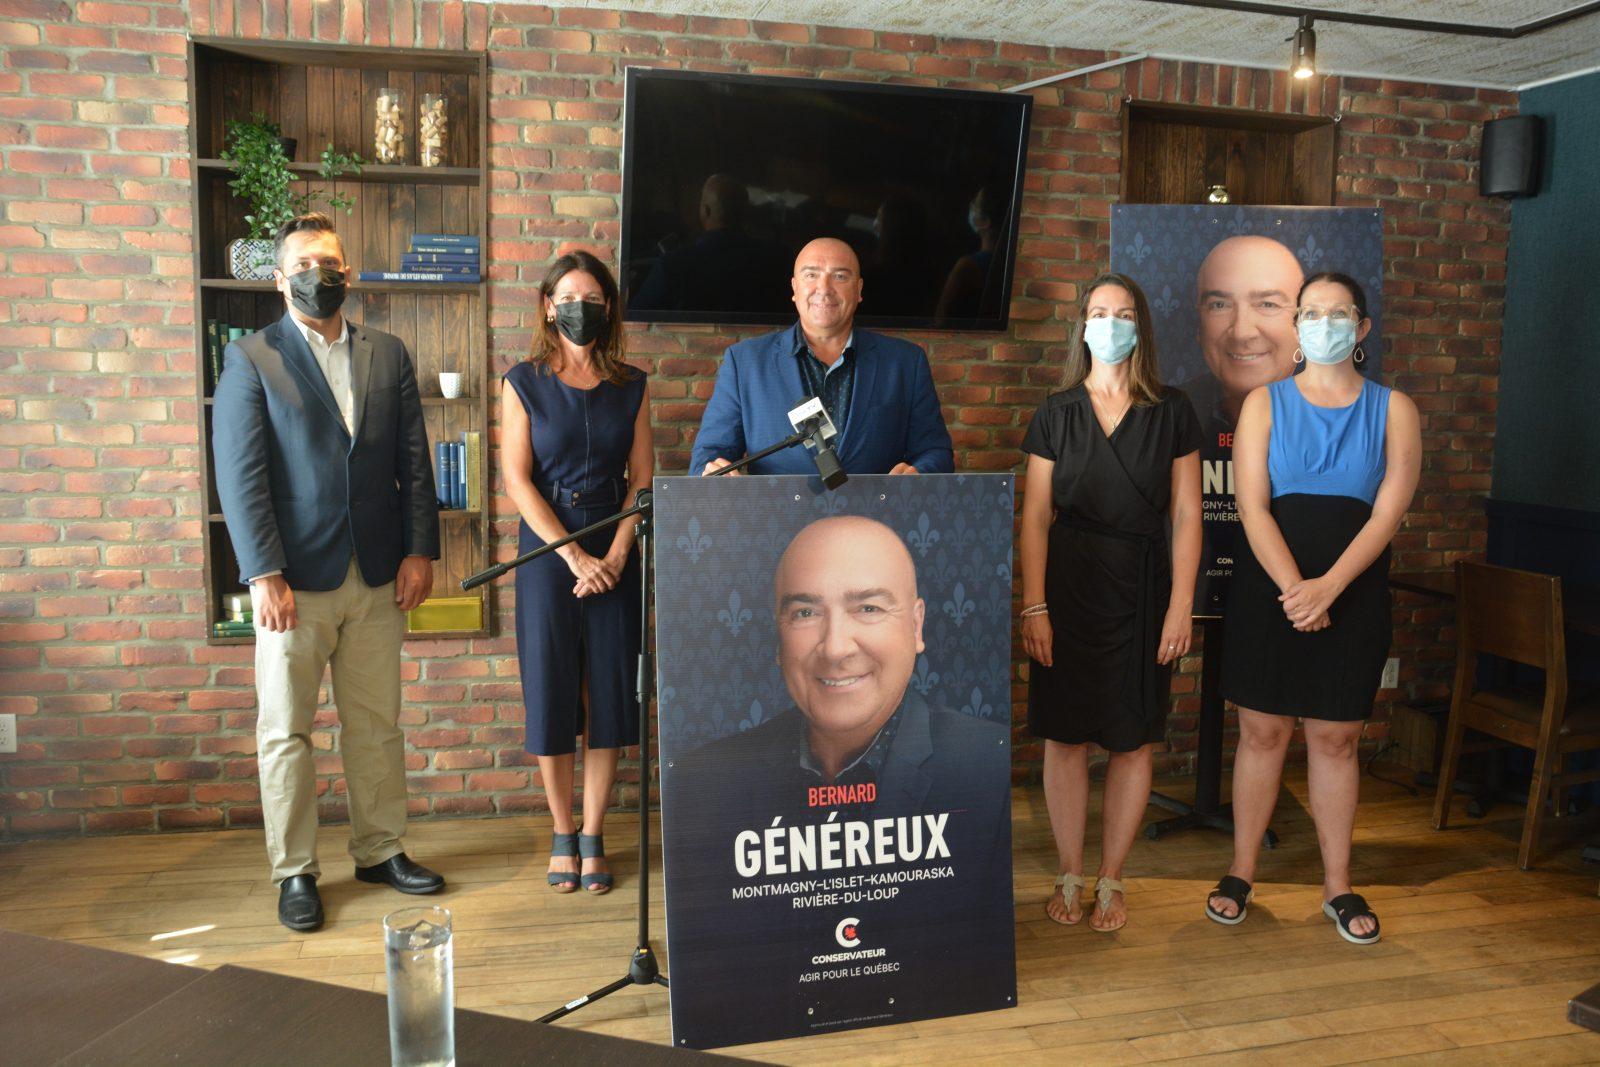 Bernard Généreux lance officiellement sa campagne électorale à Montmagny